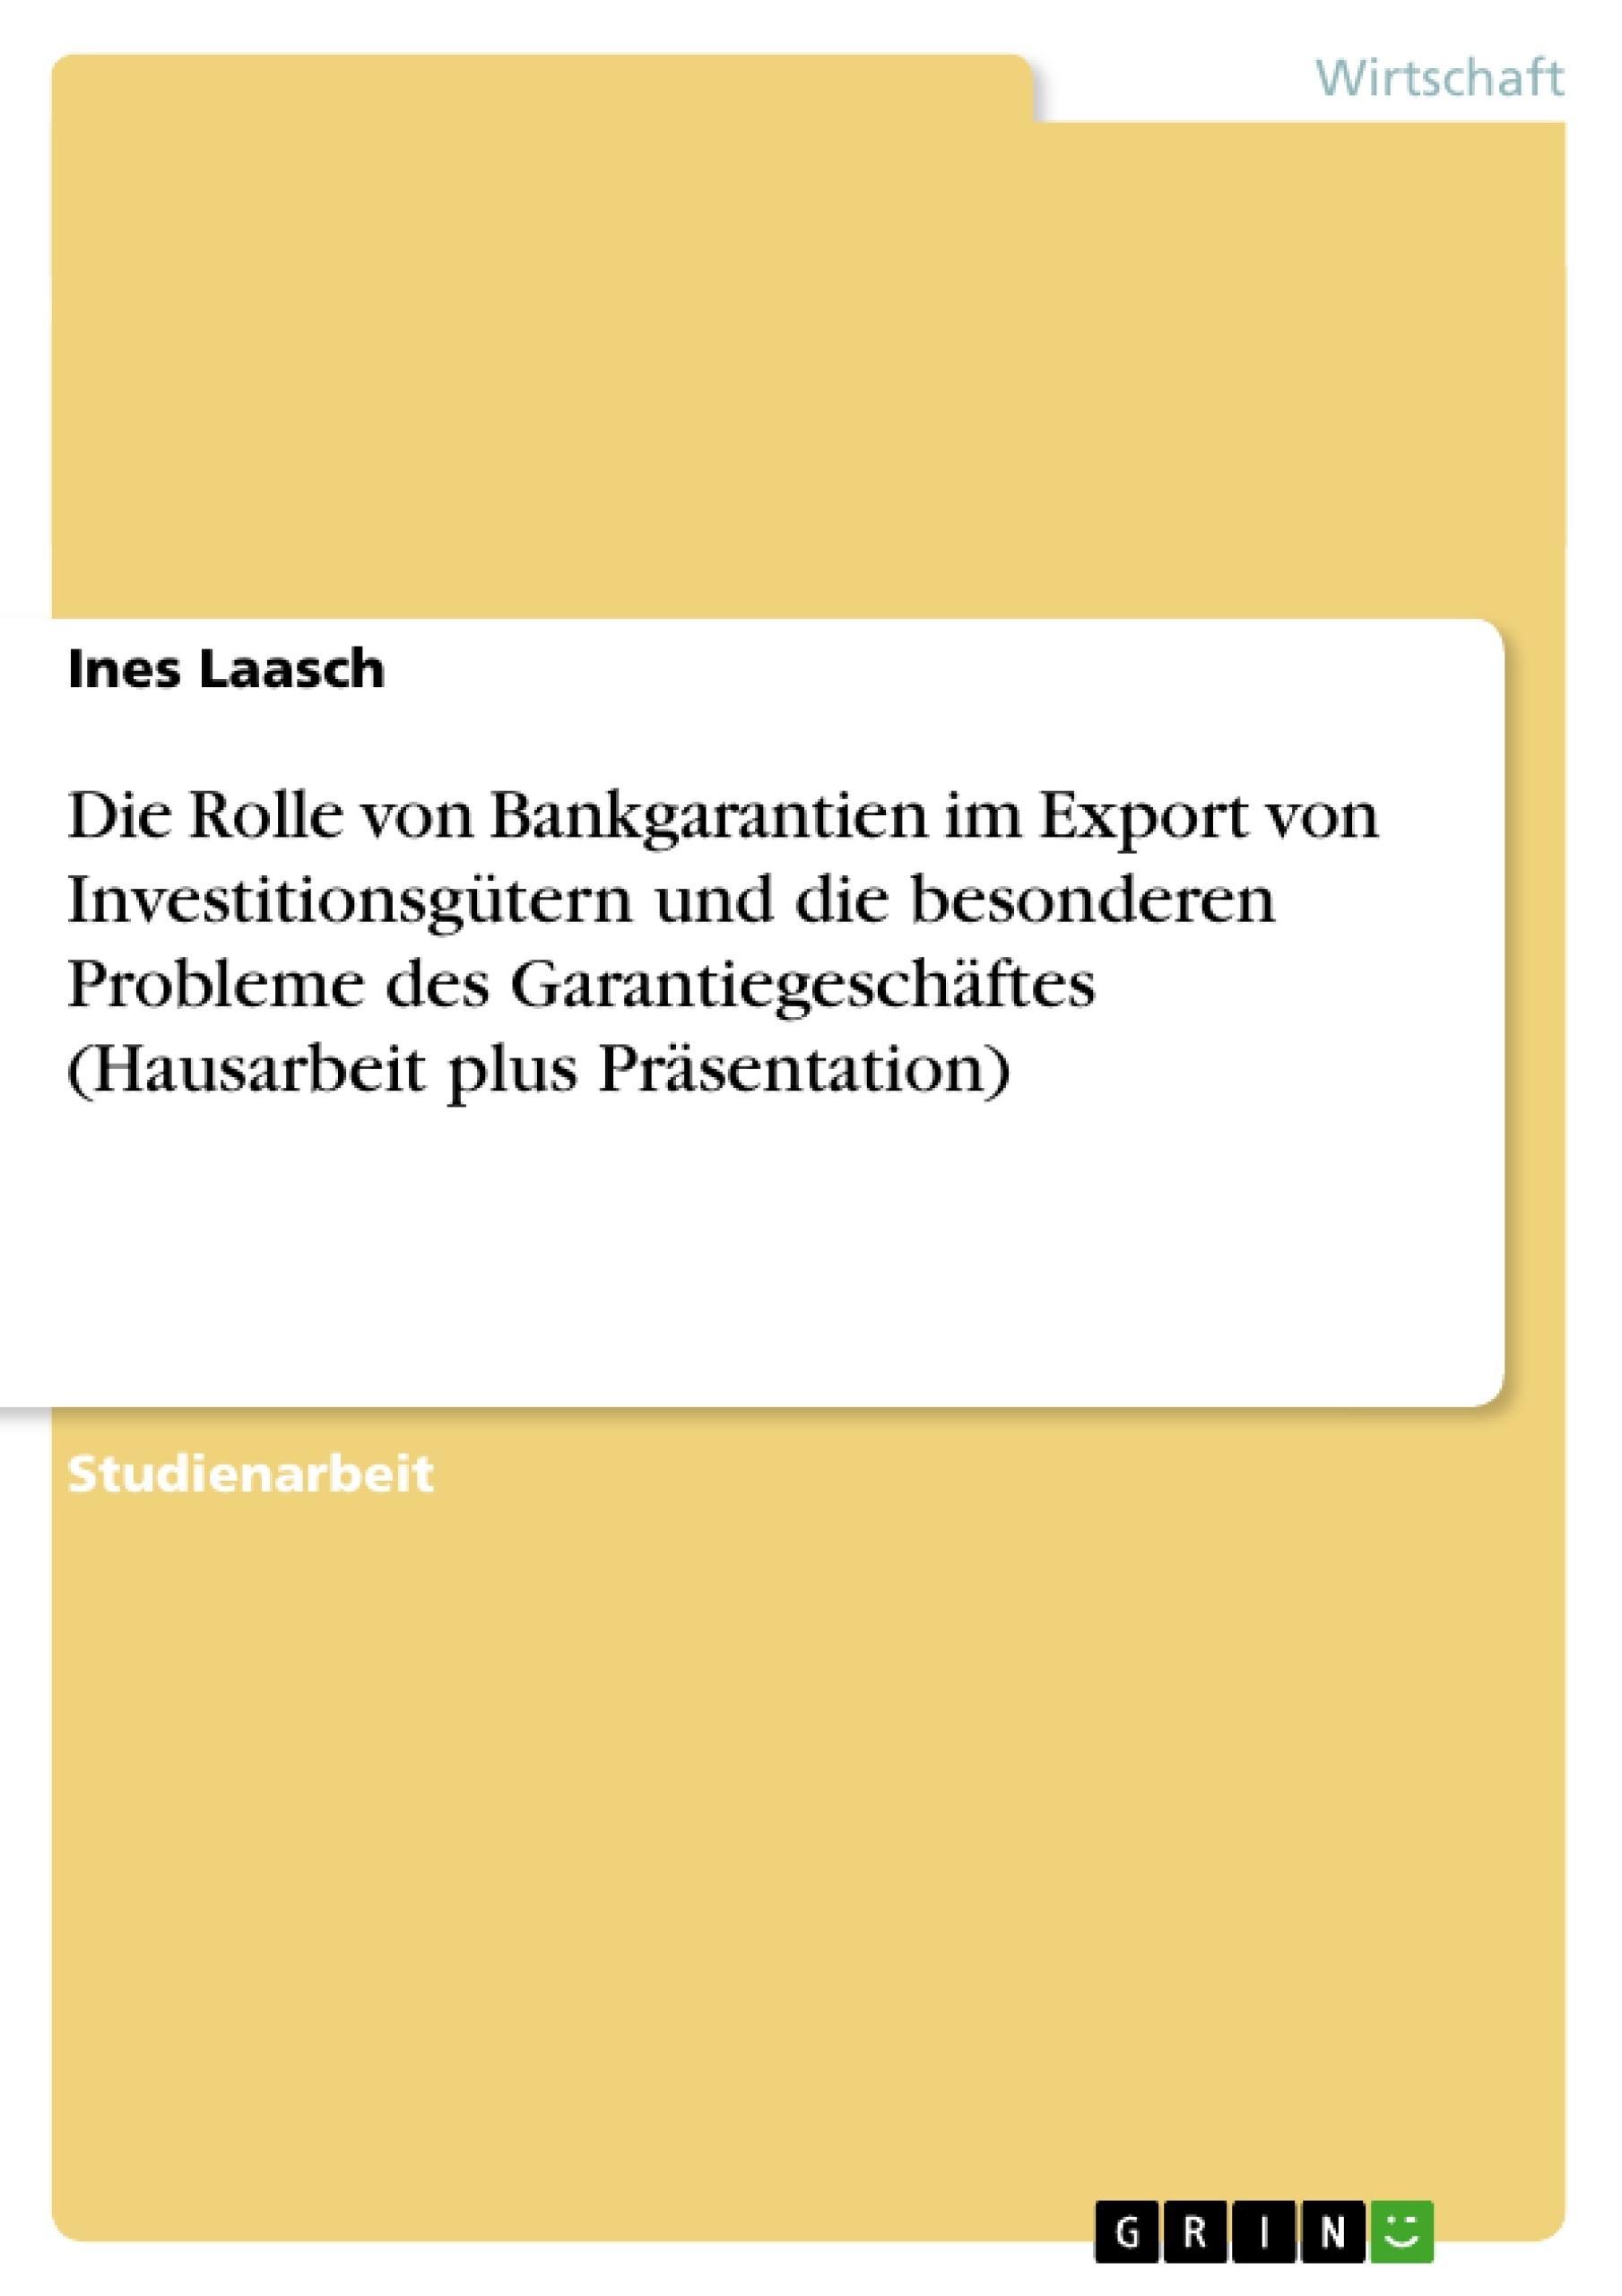 Titel: Die Rolle von Bankgarantien im Export von Investitionsgütern und die besonderen Probleme des Garantiegeschäftes (Hausarbeit plus Präsentation)